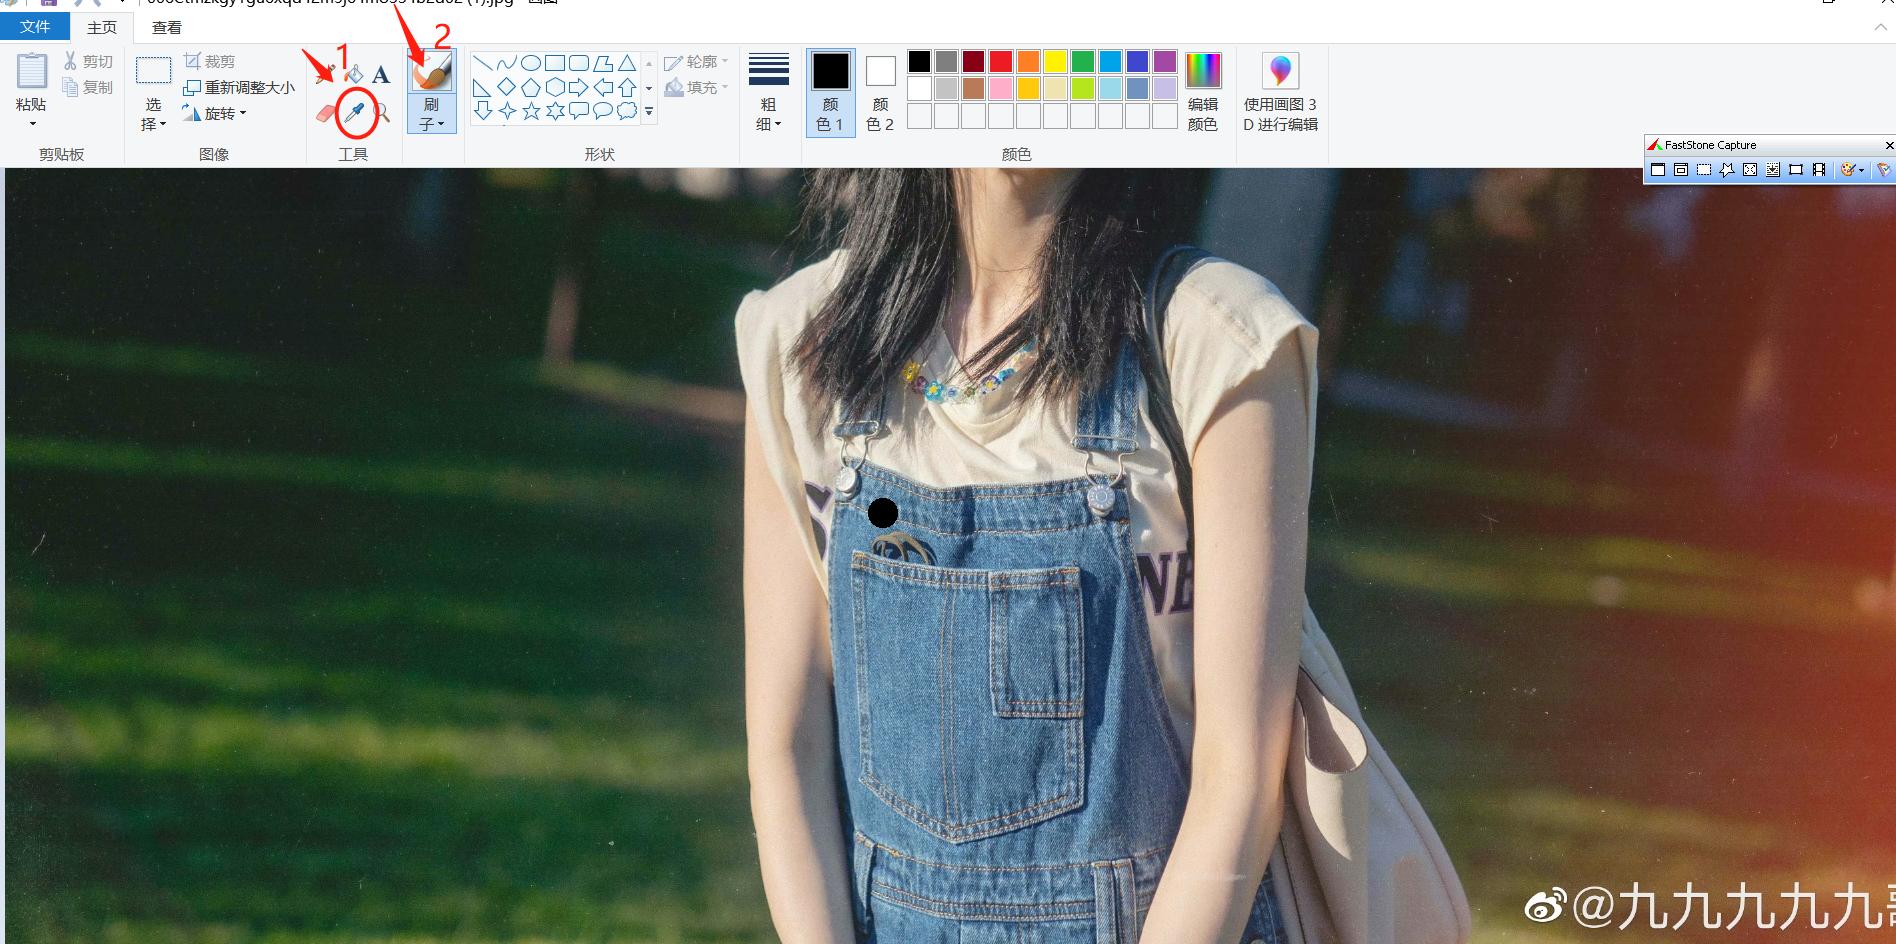 画笔工具照片去除水印的方法